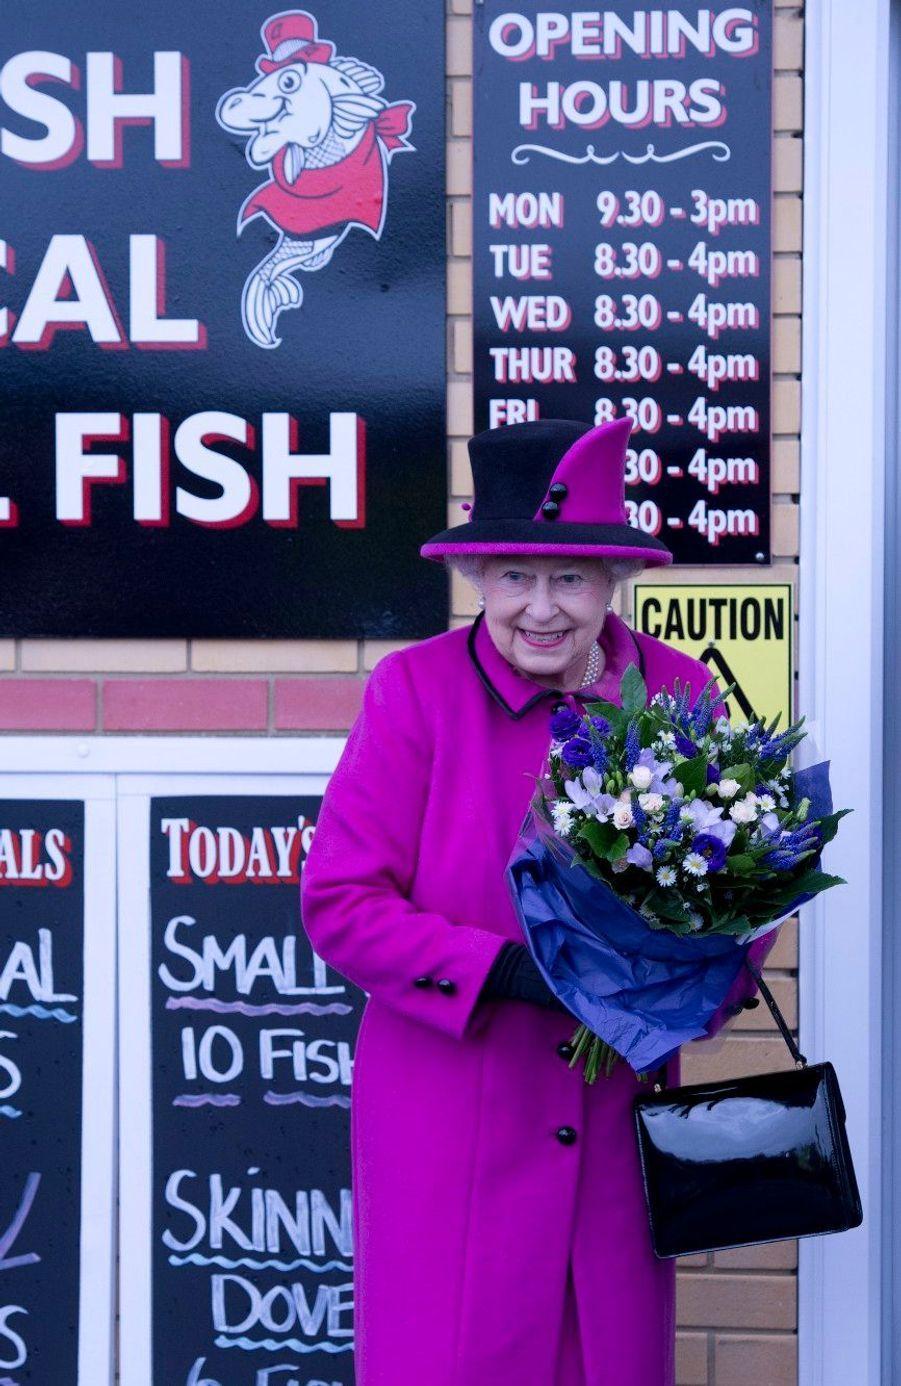 Elizabeth, Philip et les bons produits du Sussex